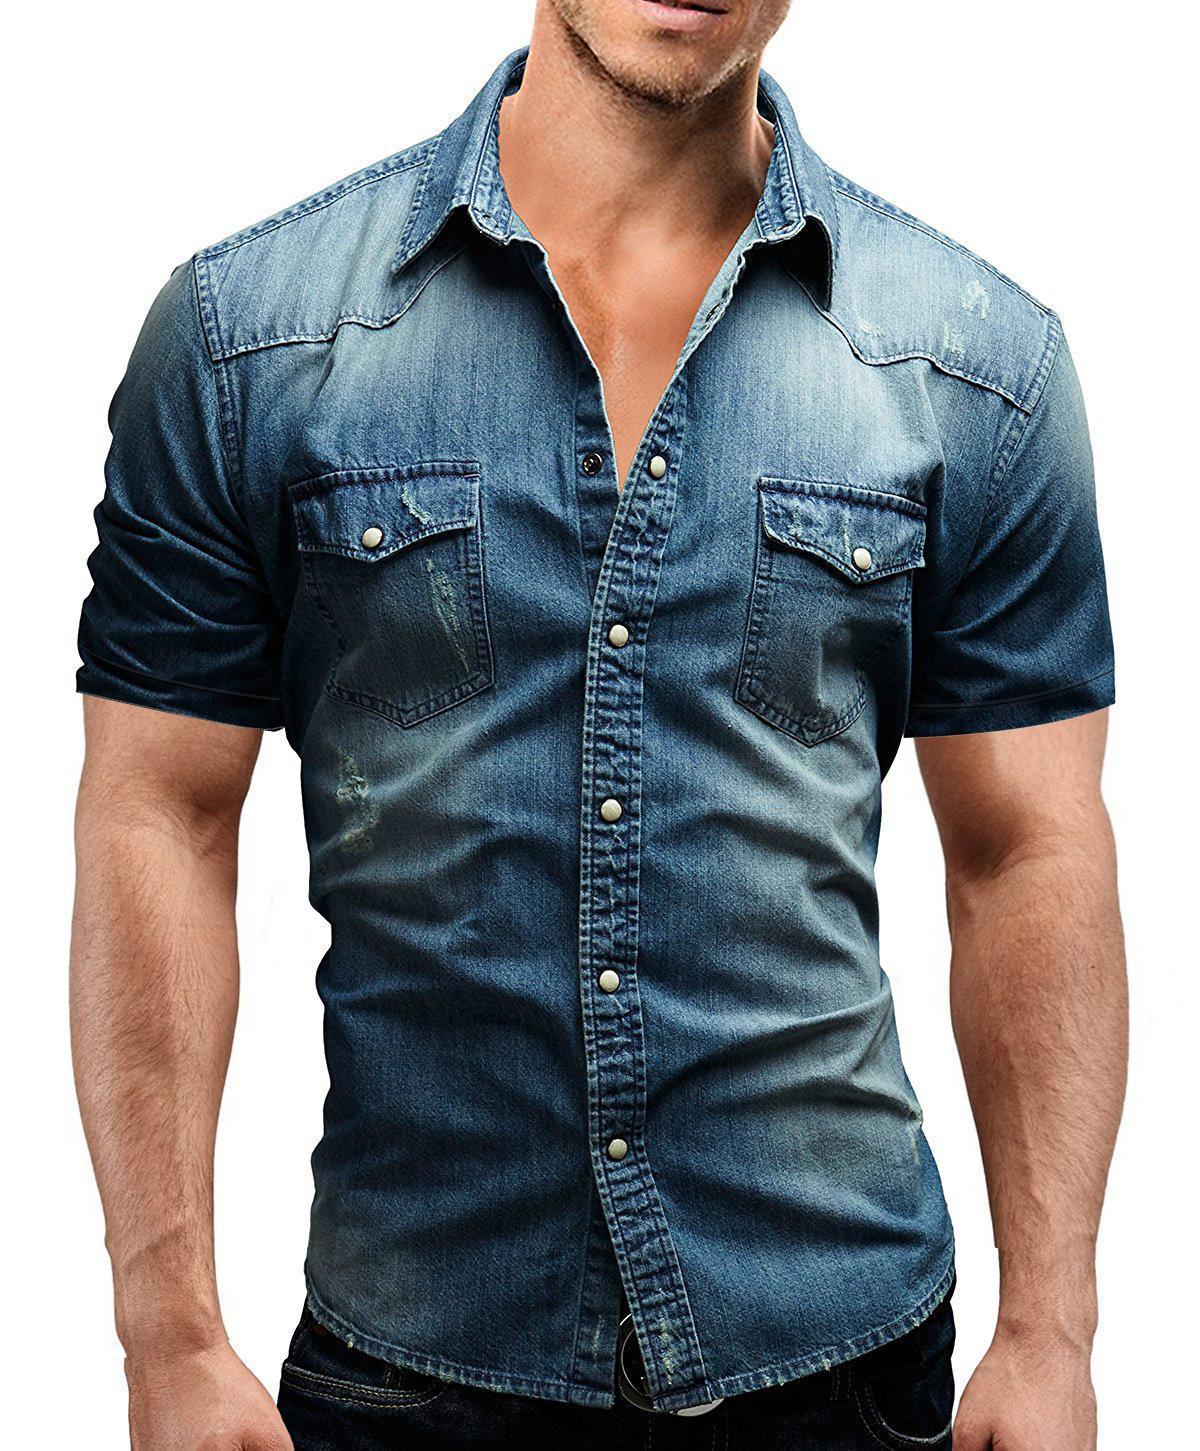 HaiFux 2018 nuevos hombres Jeans camisas de algodón lavado del agua del verano Superior Masculina flor de manga corta Imprimir dril de algodón camisa de los hombres T200622